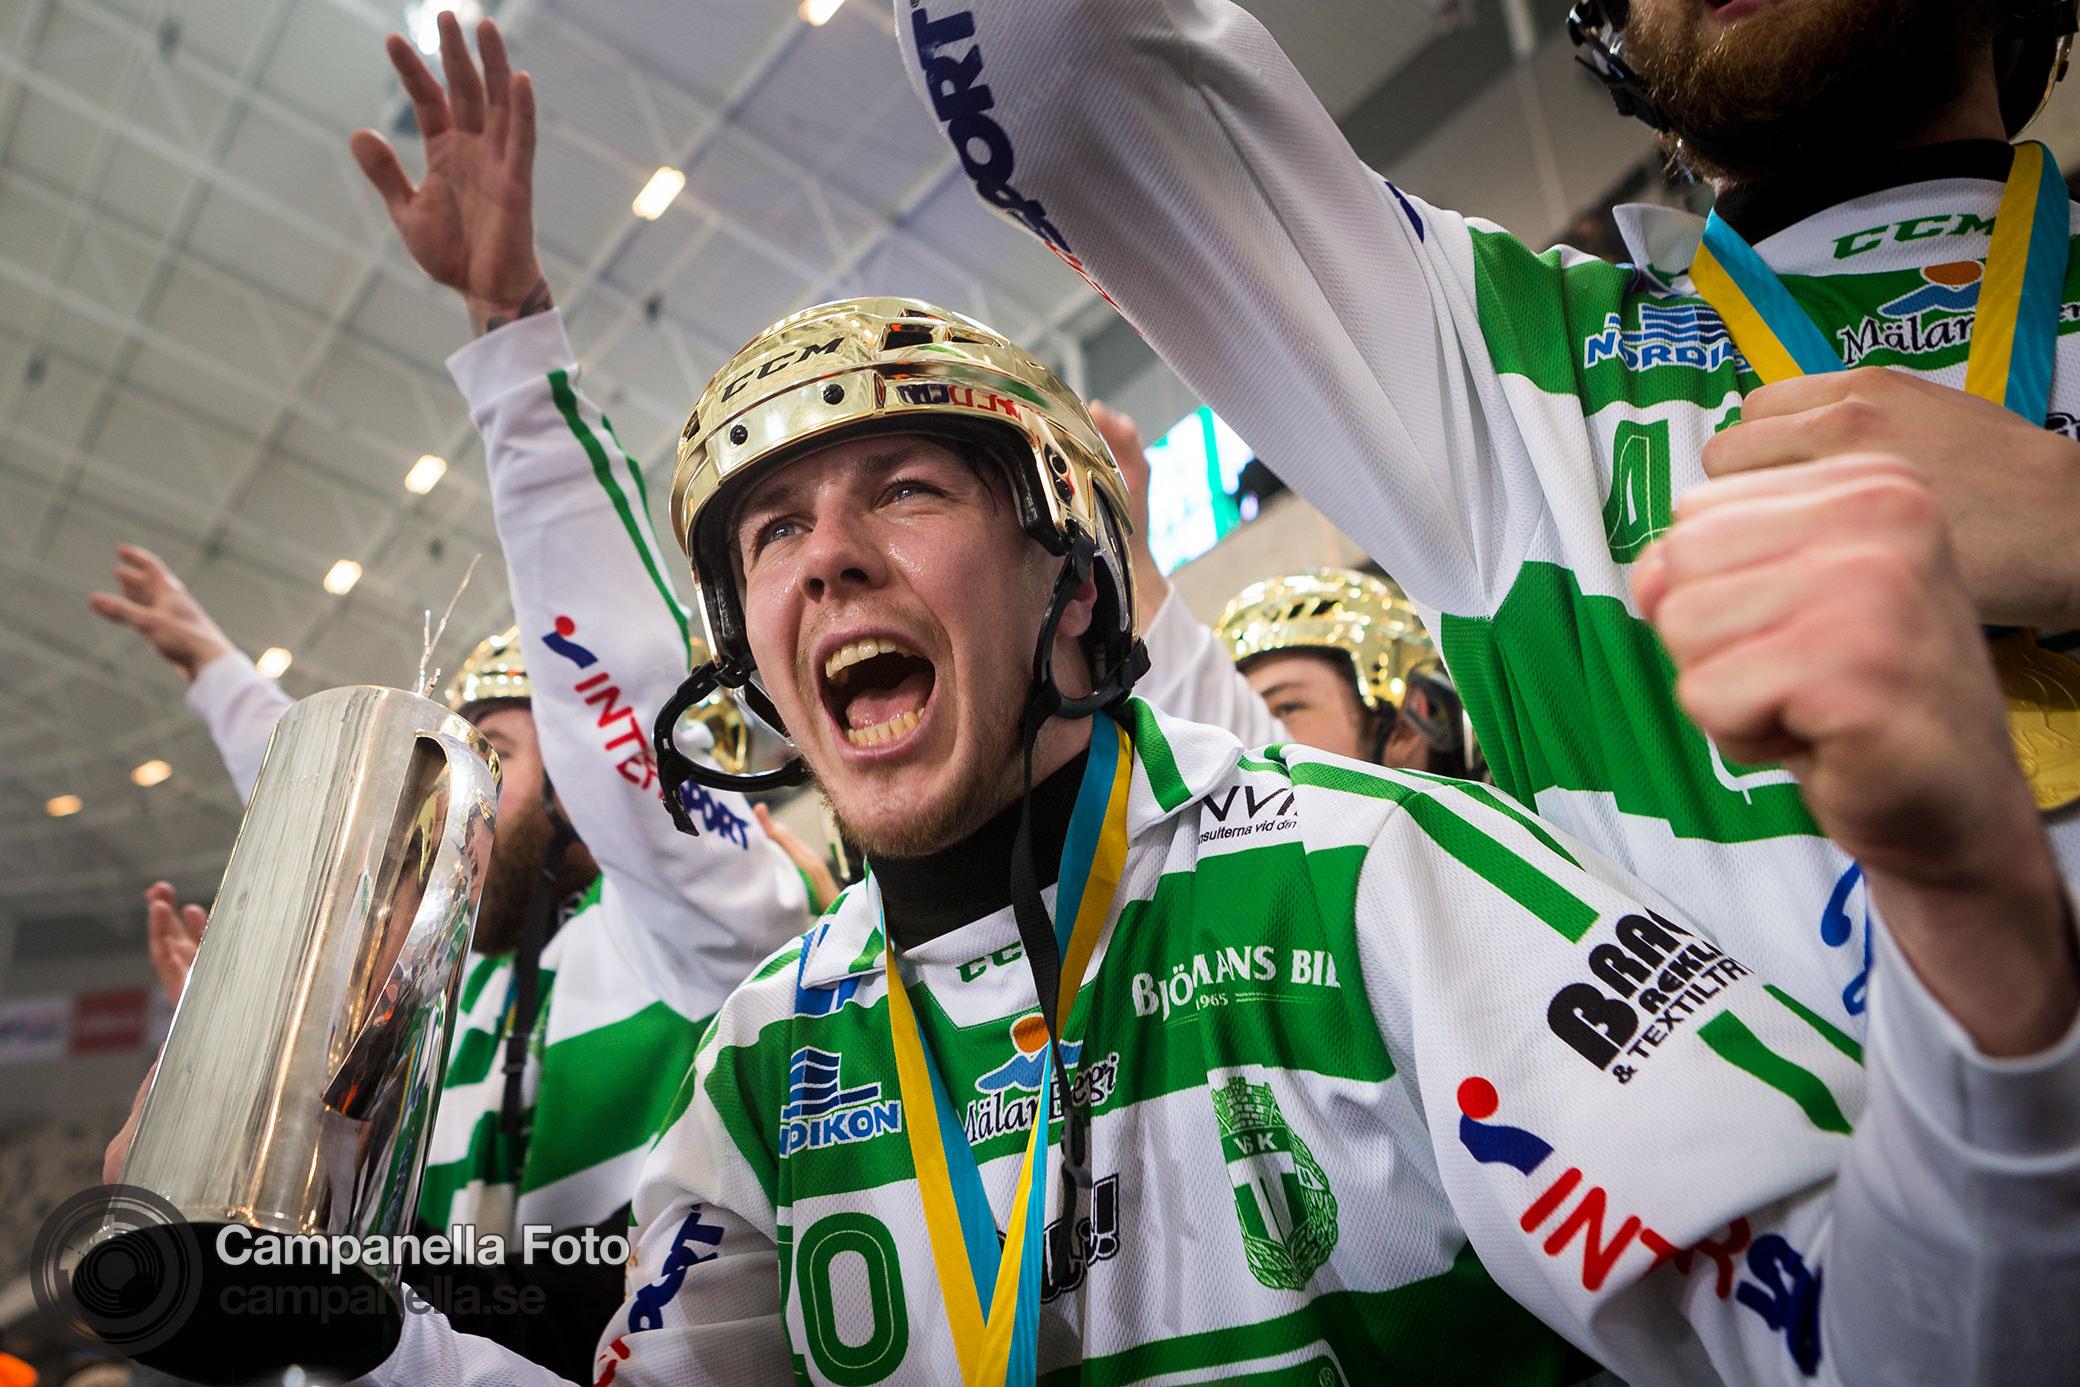 Swedish Bandy Final 2016 - Michael Campanella Photography